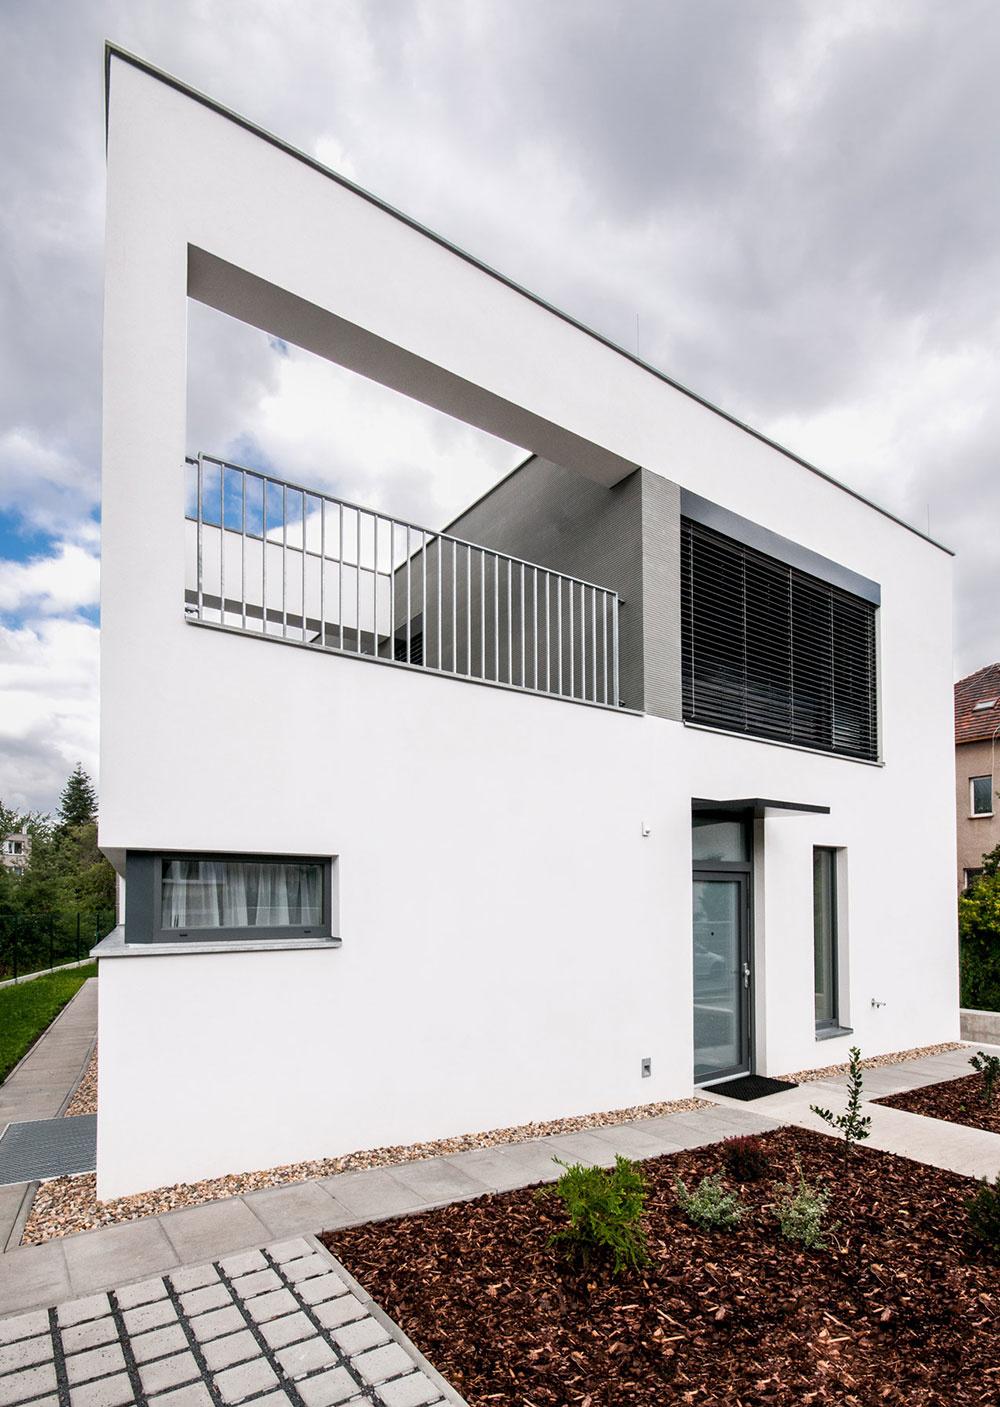 Rodinný dom klame na prvý pohľad: Nie je kockou a nemá dve podlažia